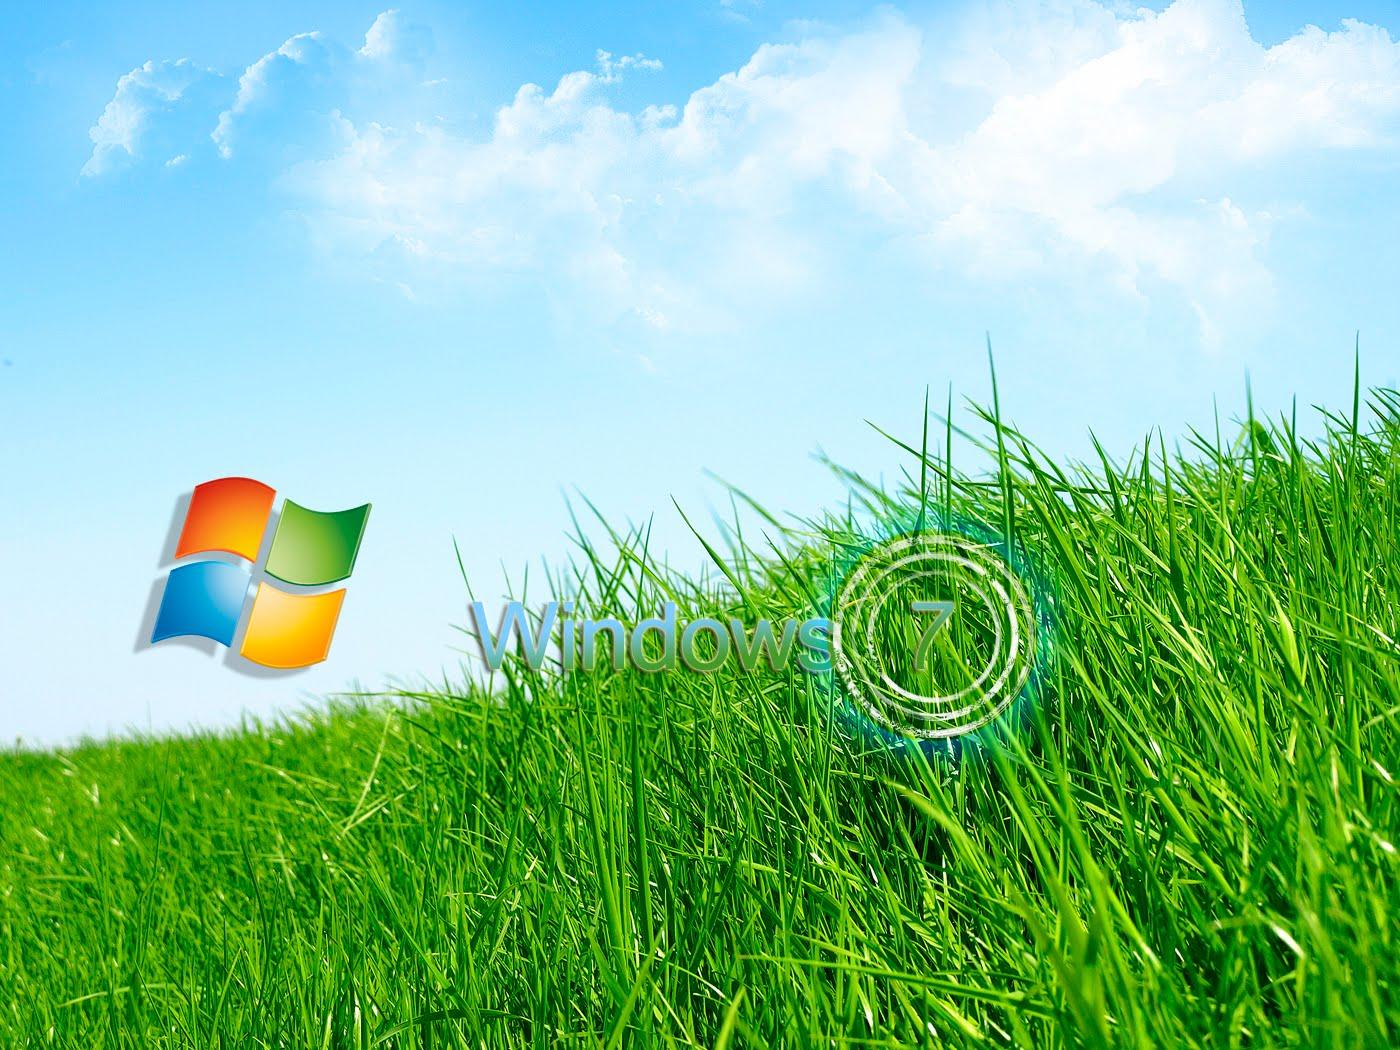 S Hd Image Wallpaper: Window 7 HD Wallpaper: HD Wallpapers Of Windows 7